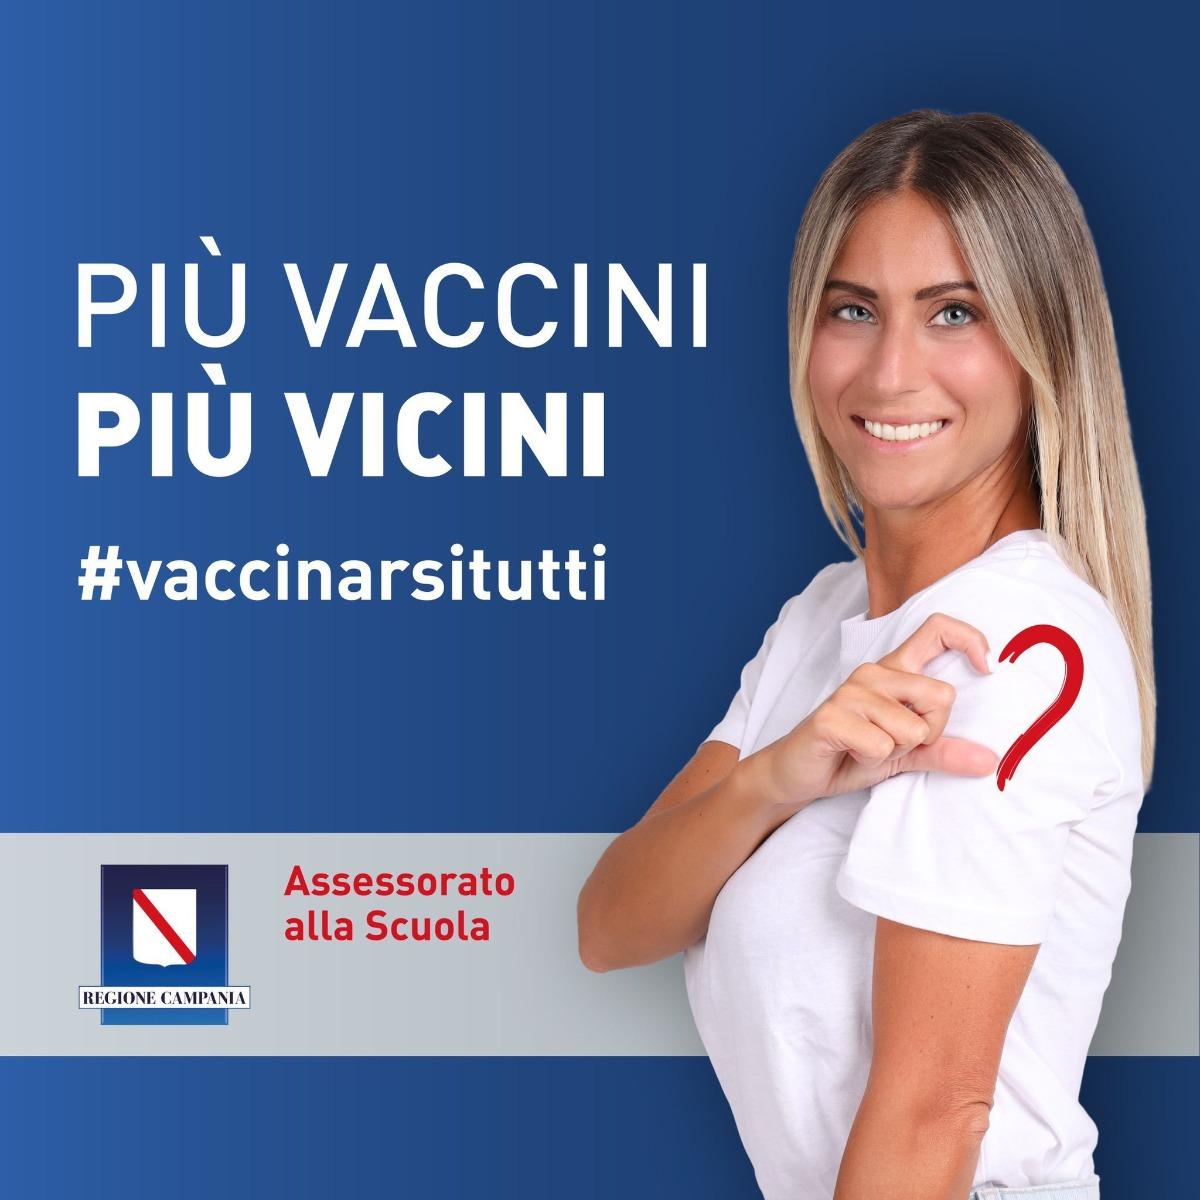 Più vaccini Più vicini